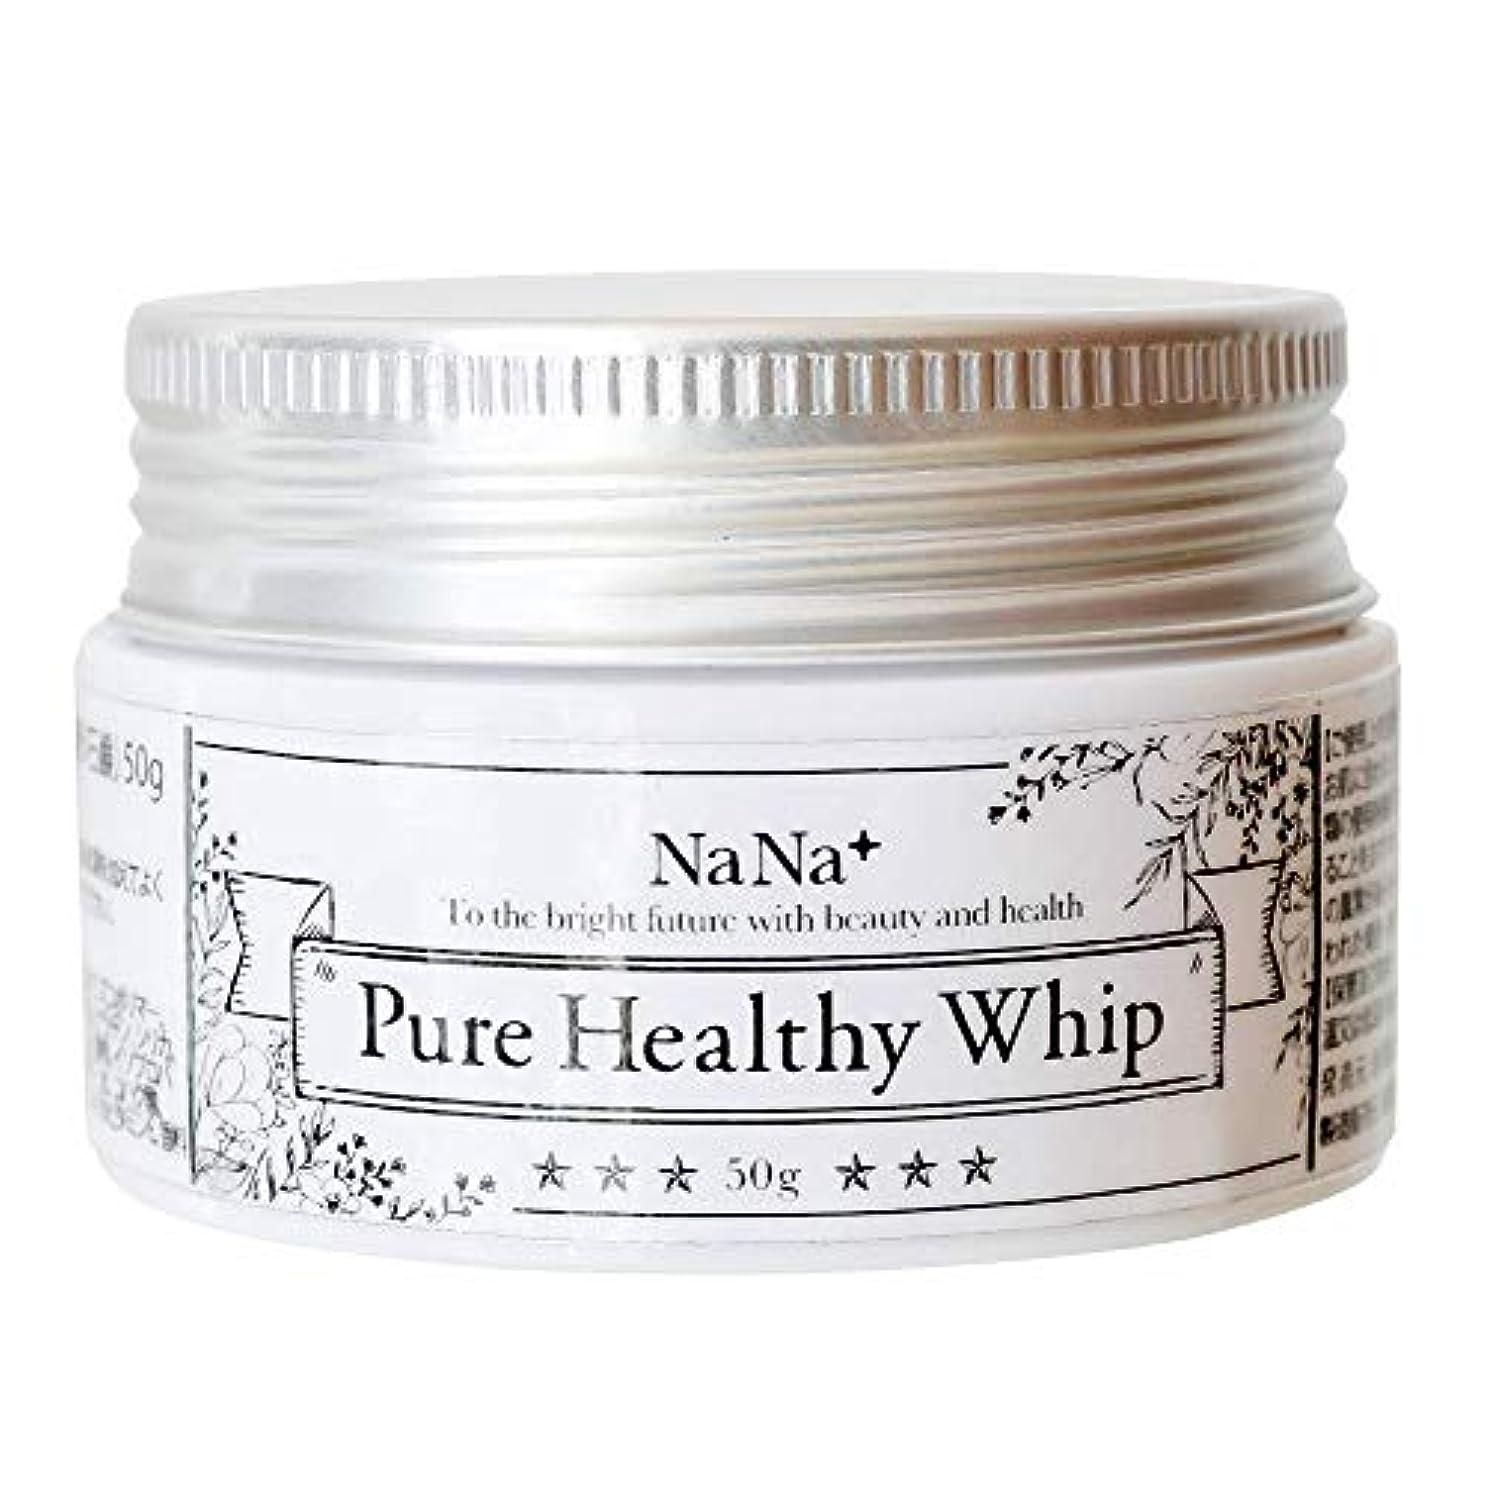 生じる否定する社交的洗顔 生せっけん 敏感肌 乾燥肌 の 毛穴 くすみ 黒ずみ ケア 肌に優しい無添加  nana+ピュアヘルシーホイップ